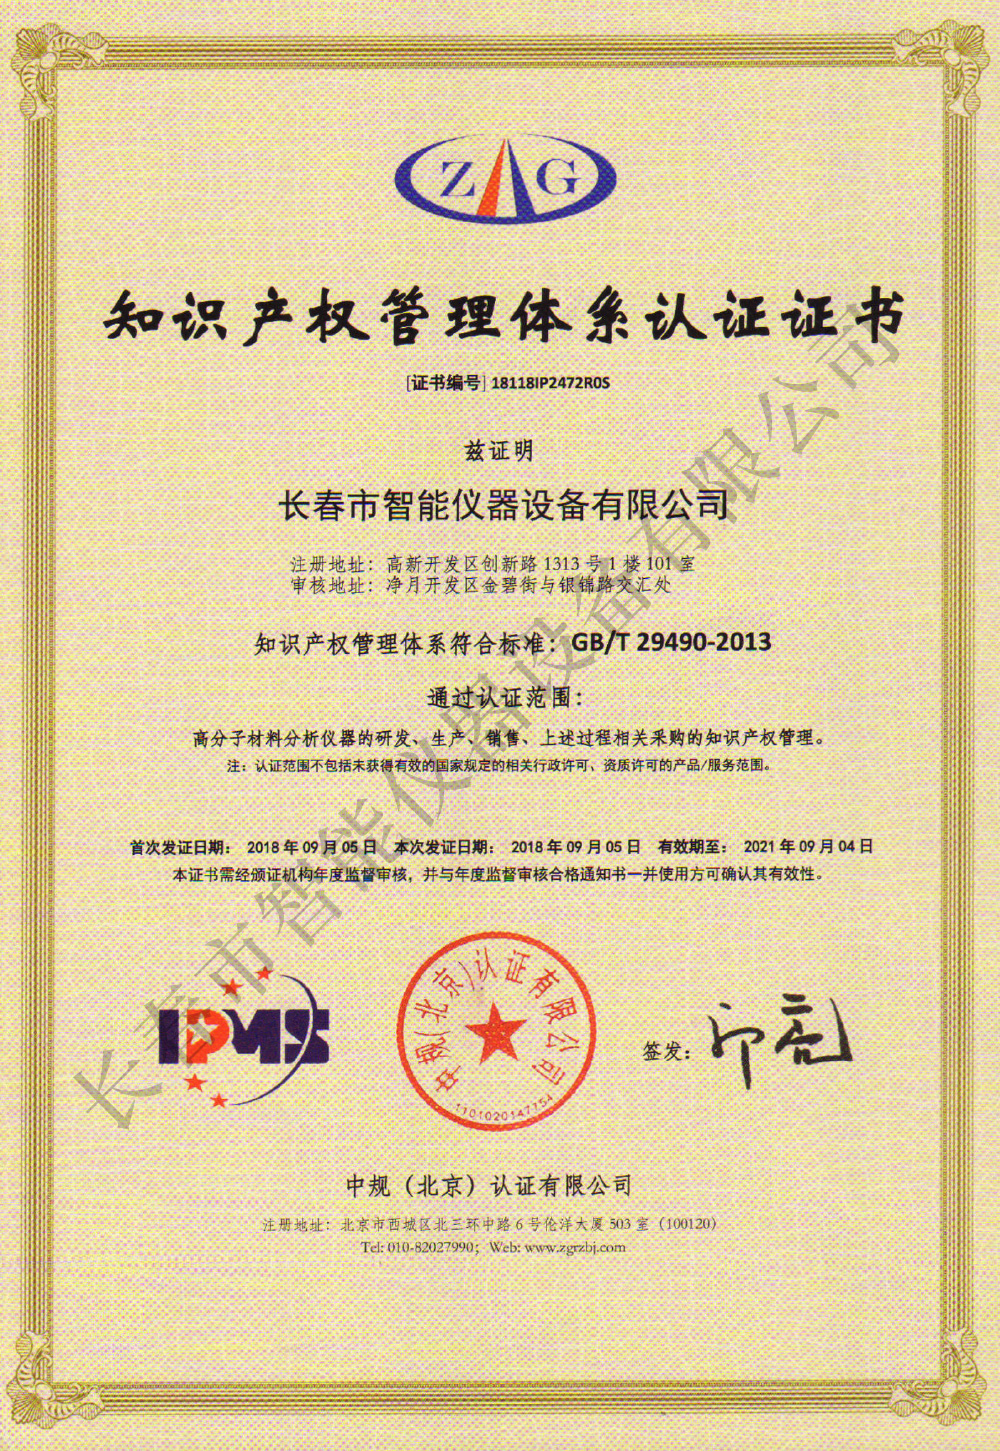 知識產權管理體系認證證書